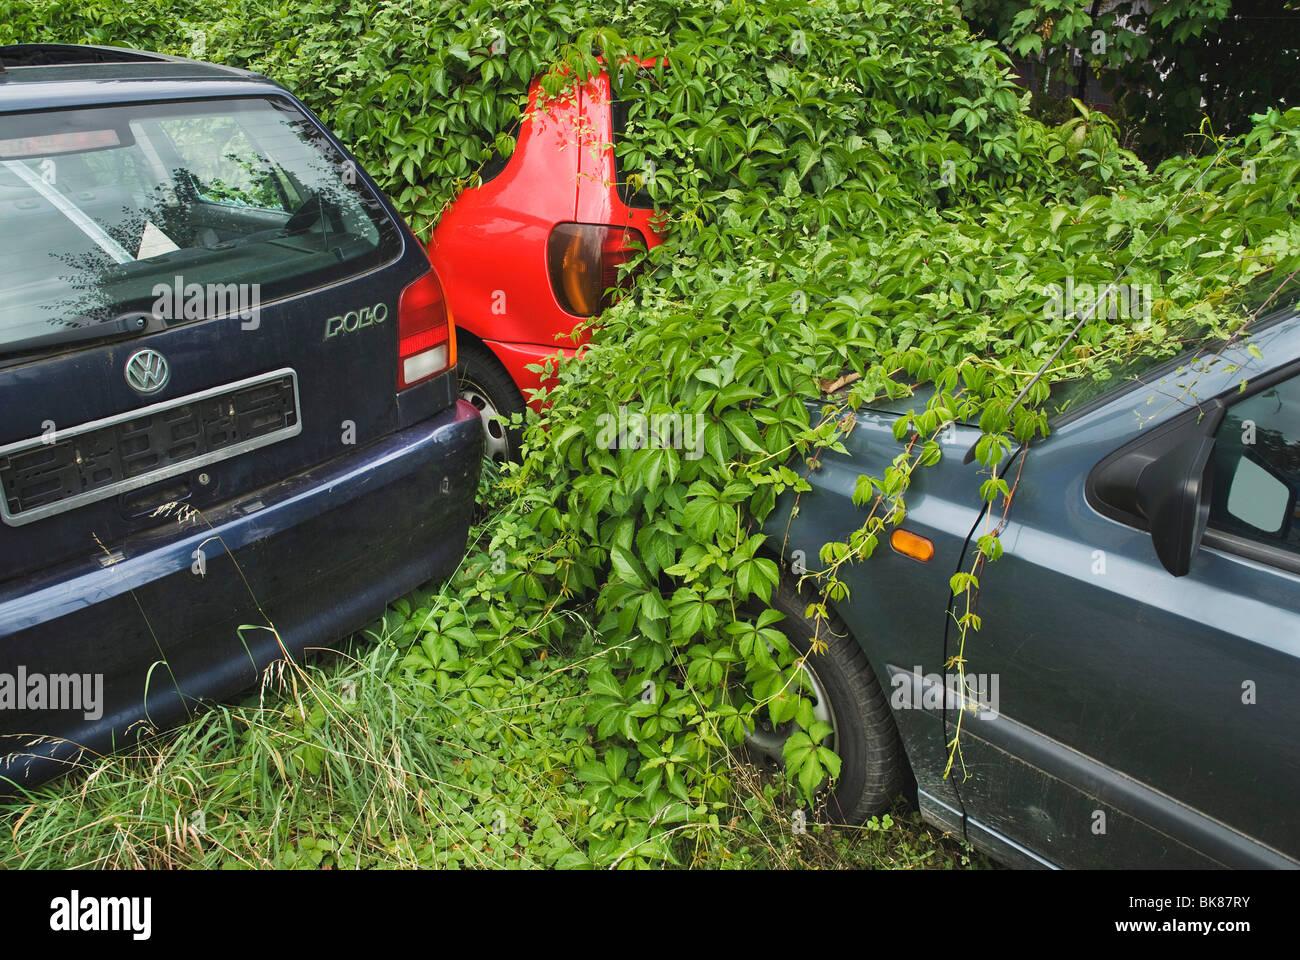 Los coches aparcados cubiertos de enredaderas, destruyendo yard, bono medioambiental Imagen De Stock